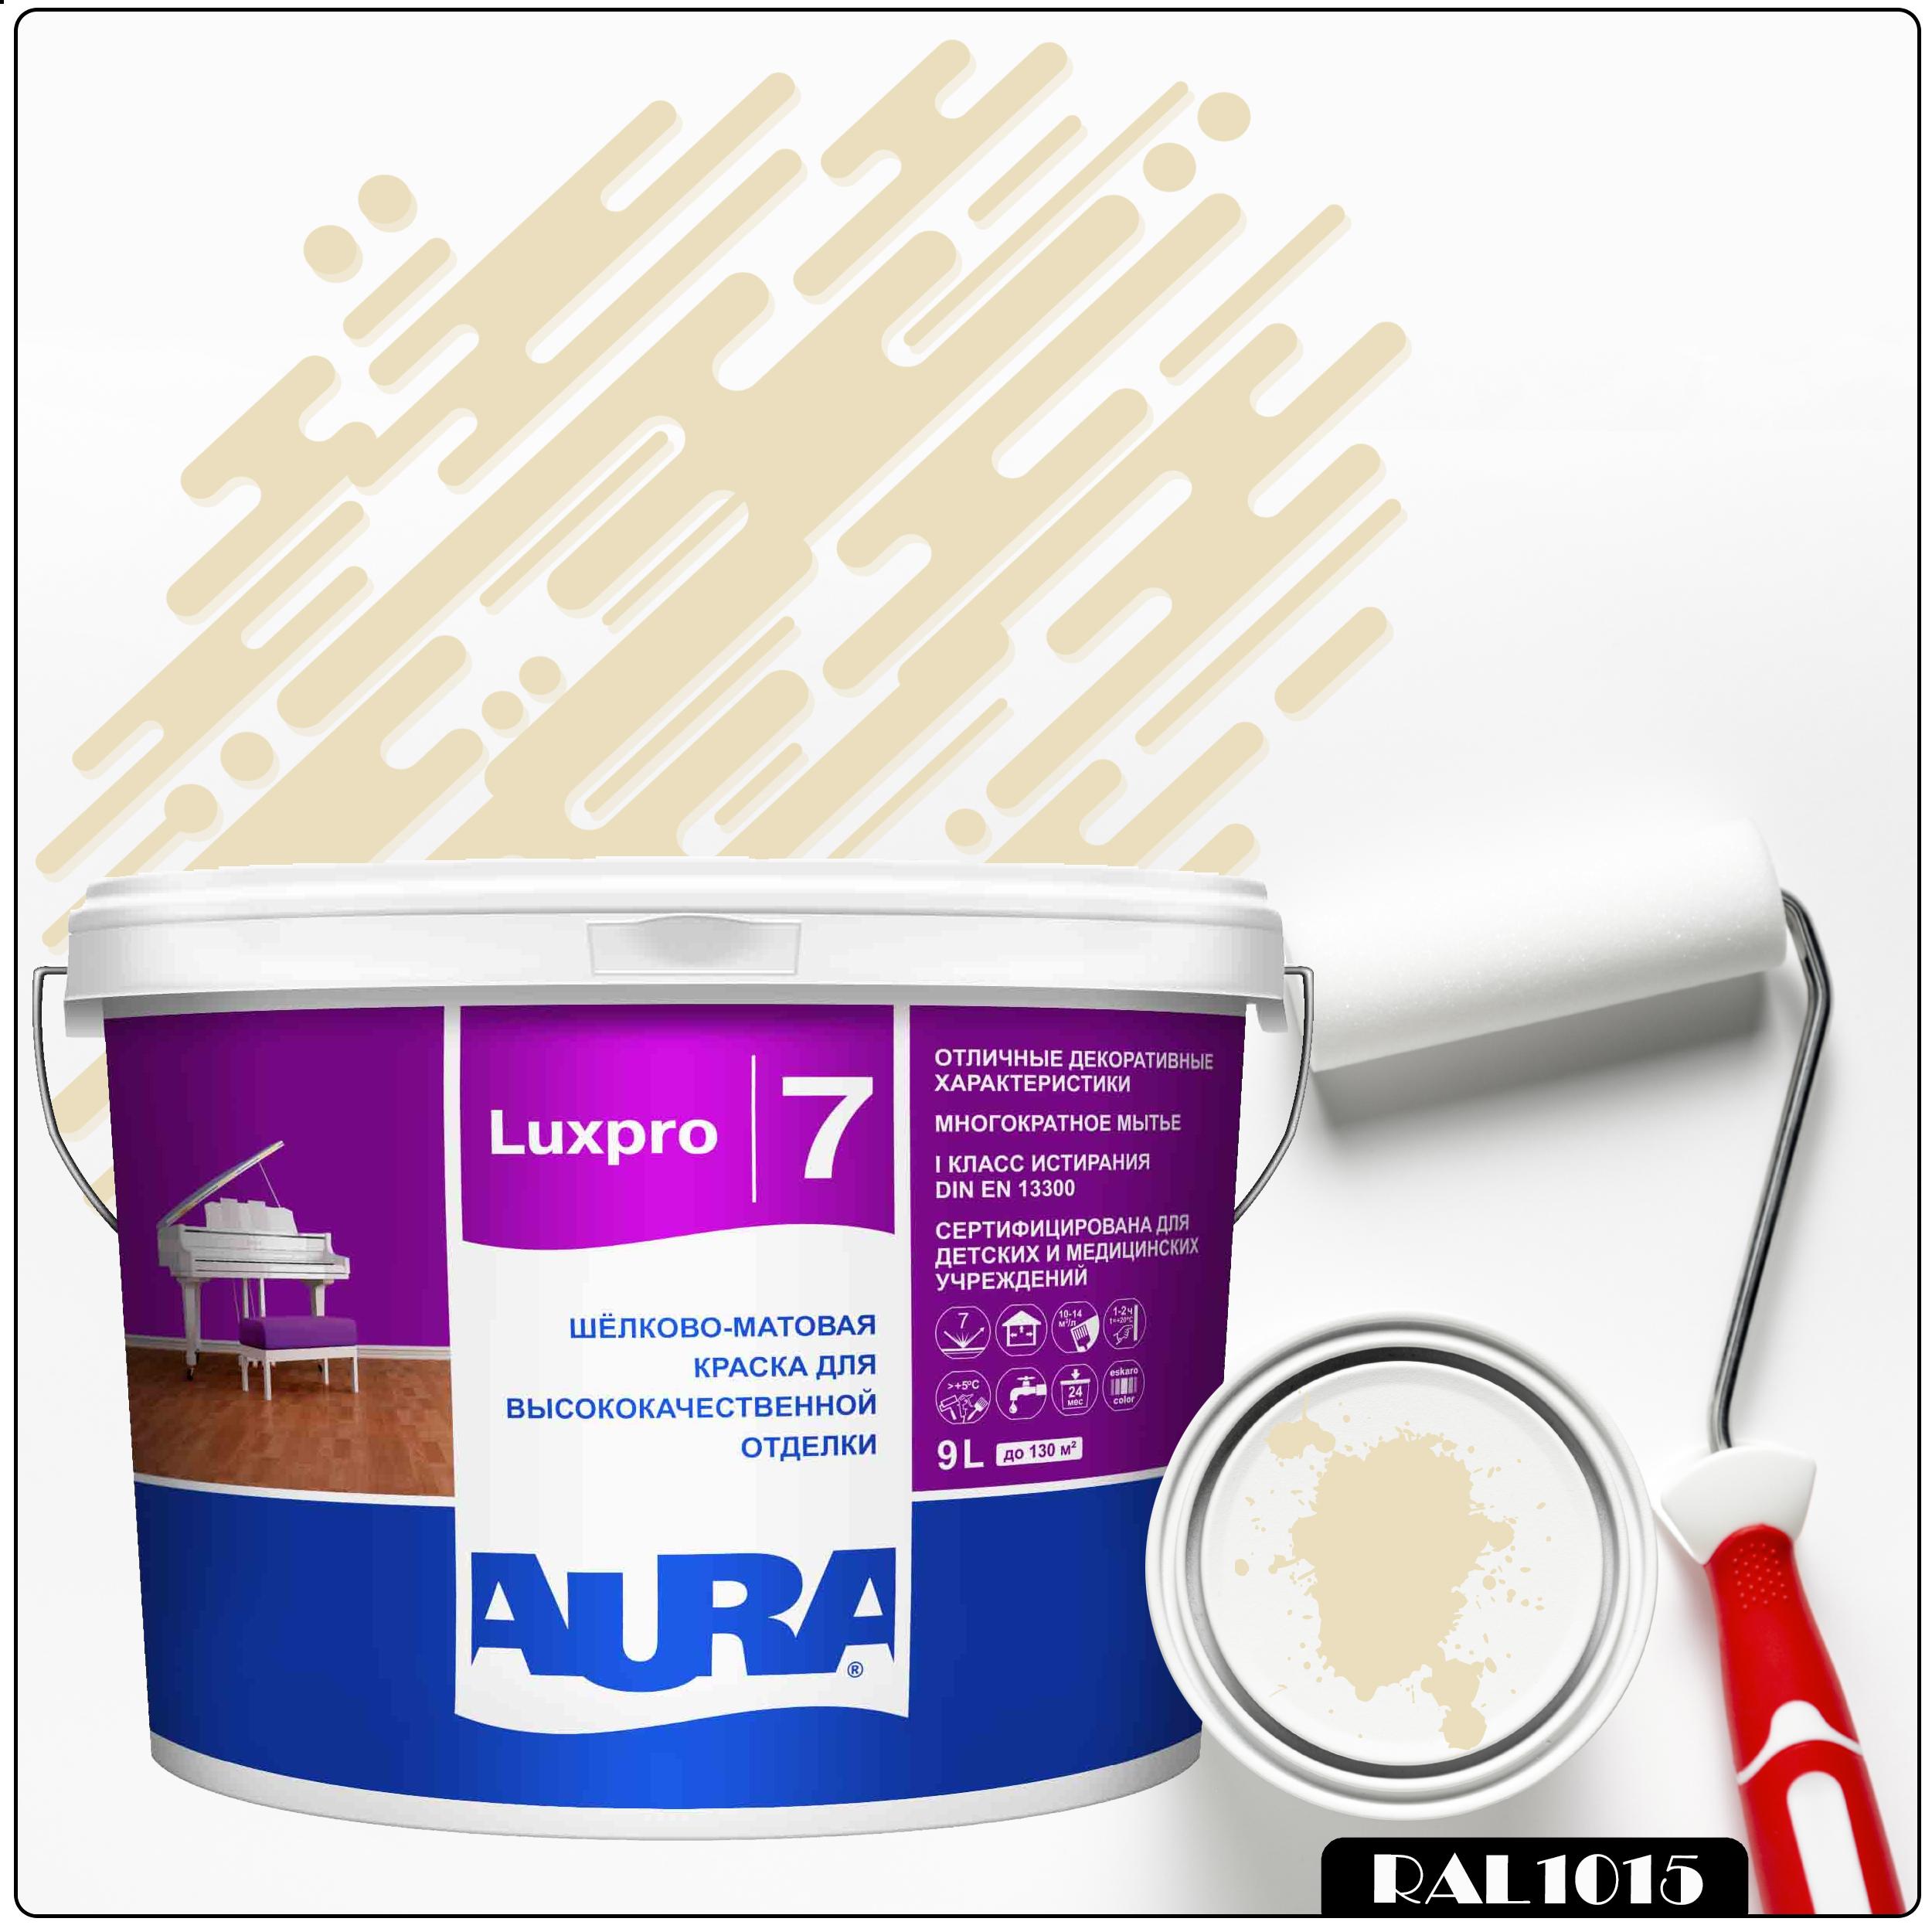 Фото 13 - Краска Aura LuxPRO 7, RAL 1015 Слоновая кость светлая, латексная, шелково-матовая, интерьерная, 9л, Аура.